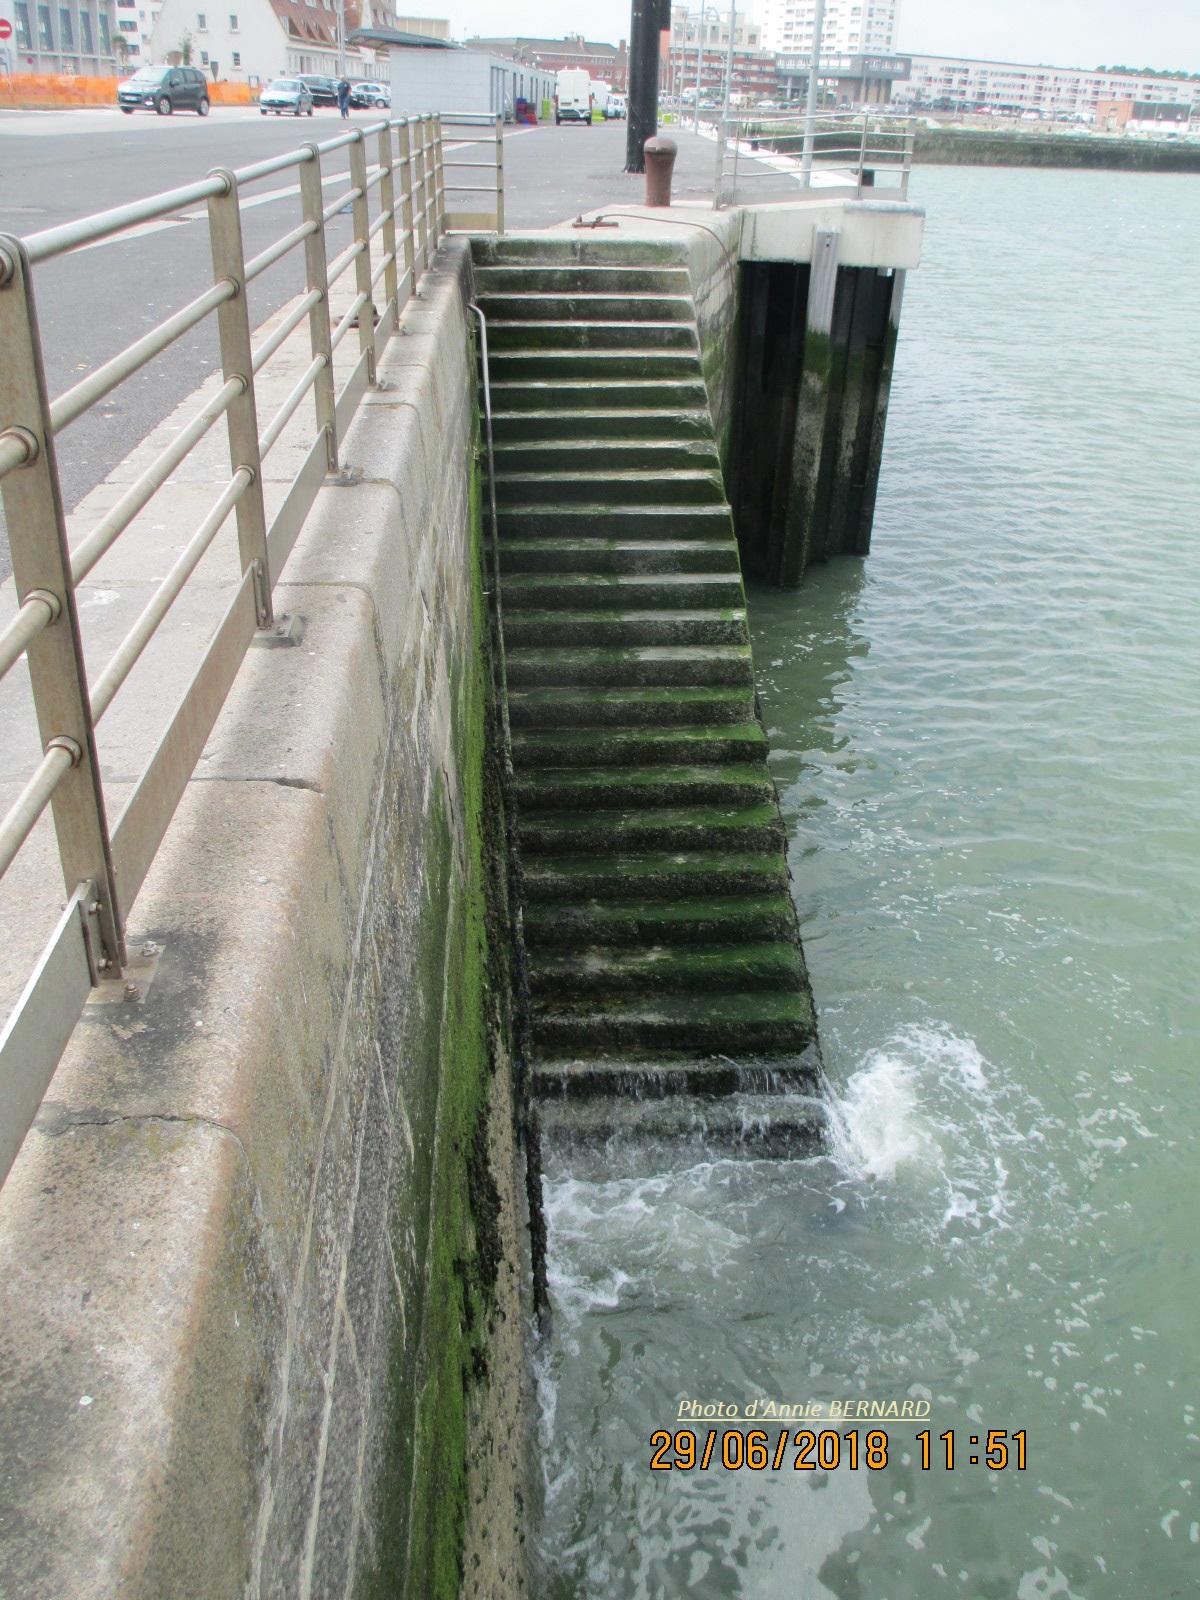 Escalier descendant dans la mer